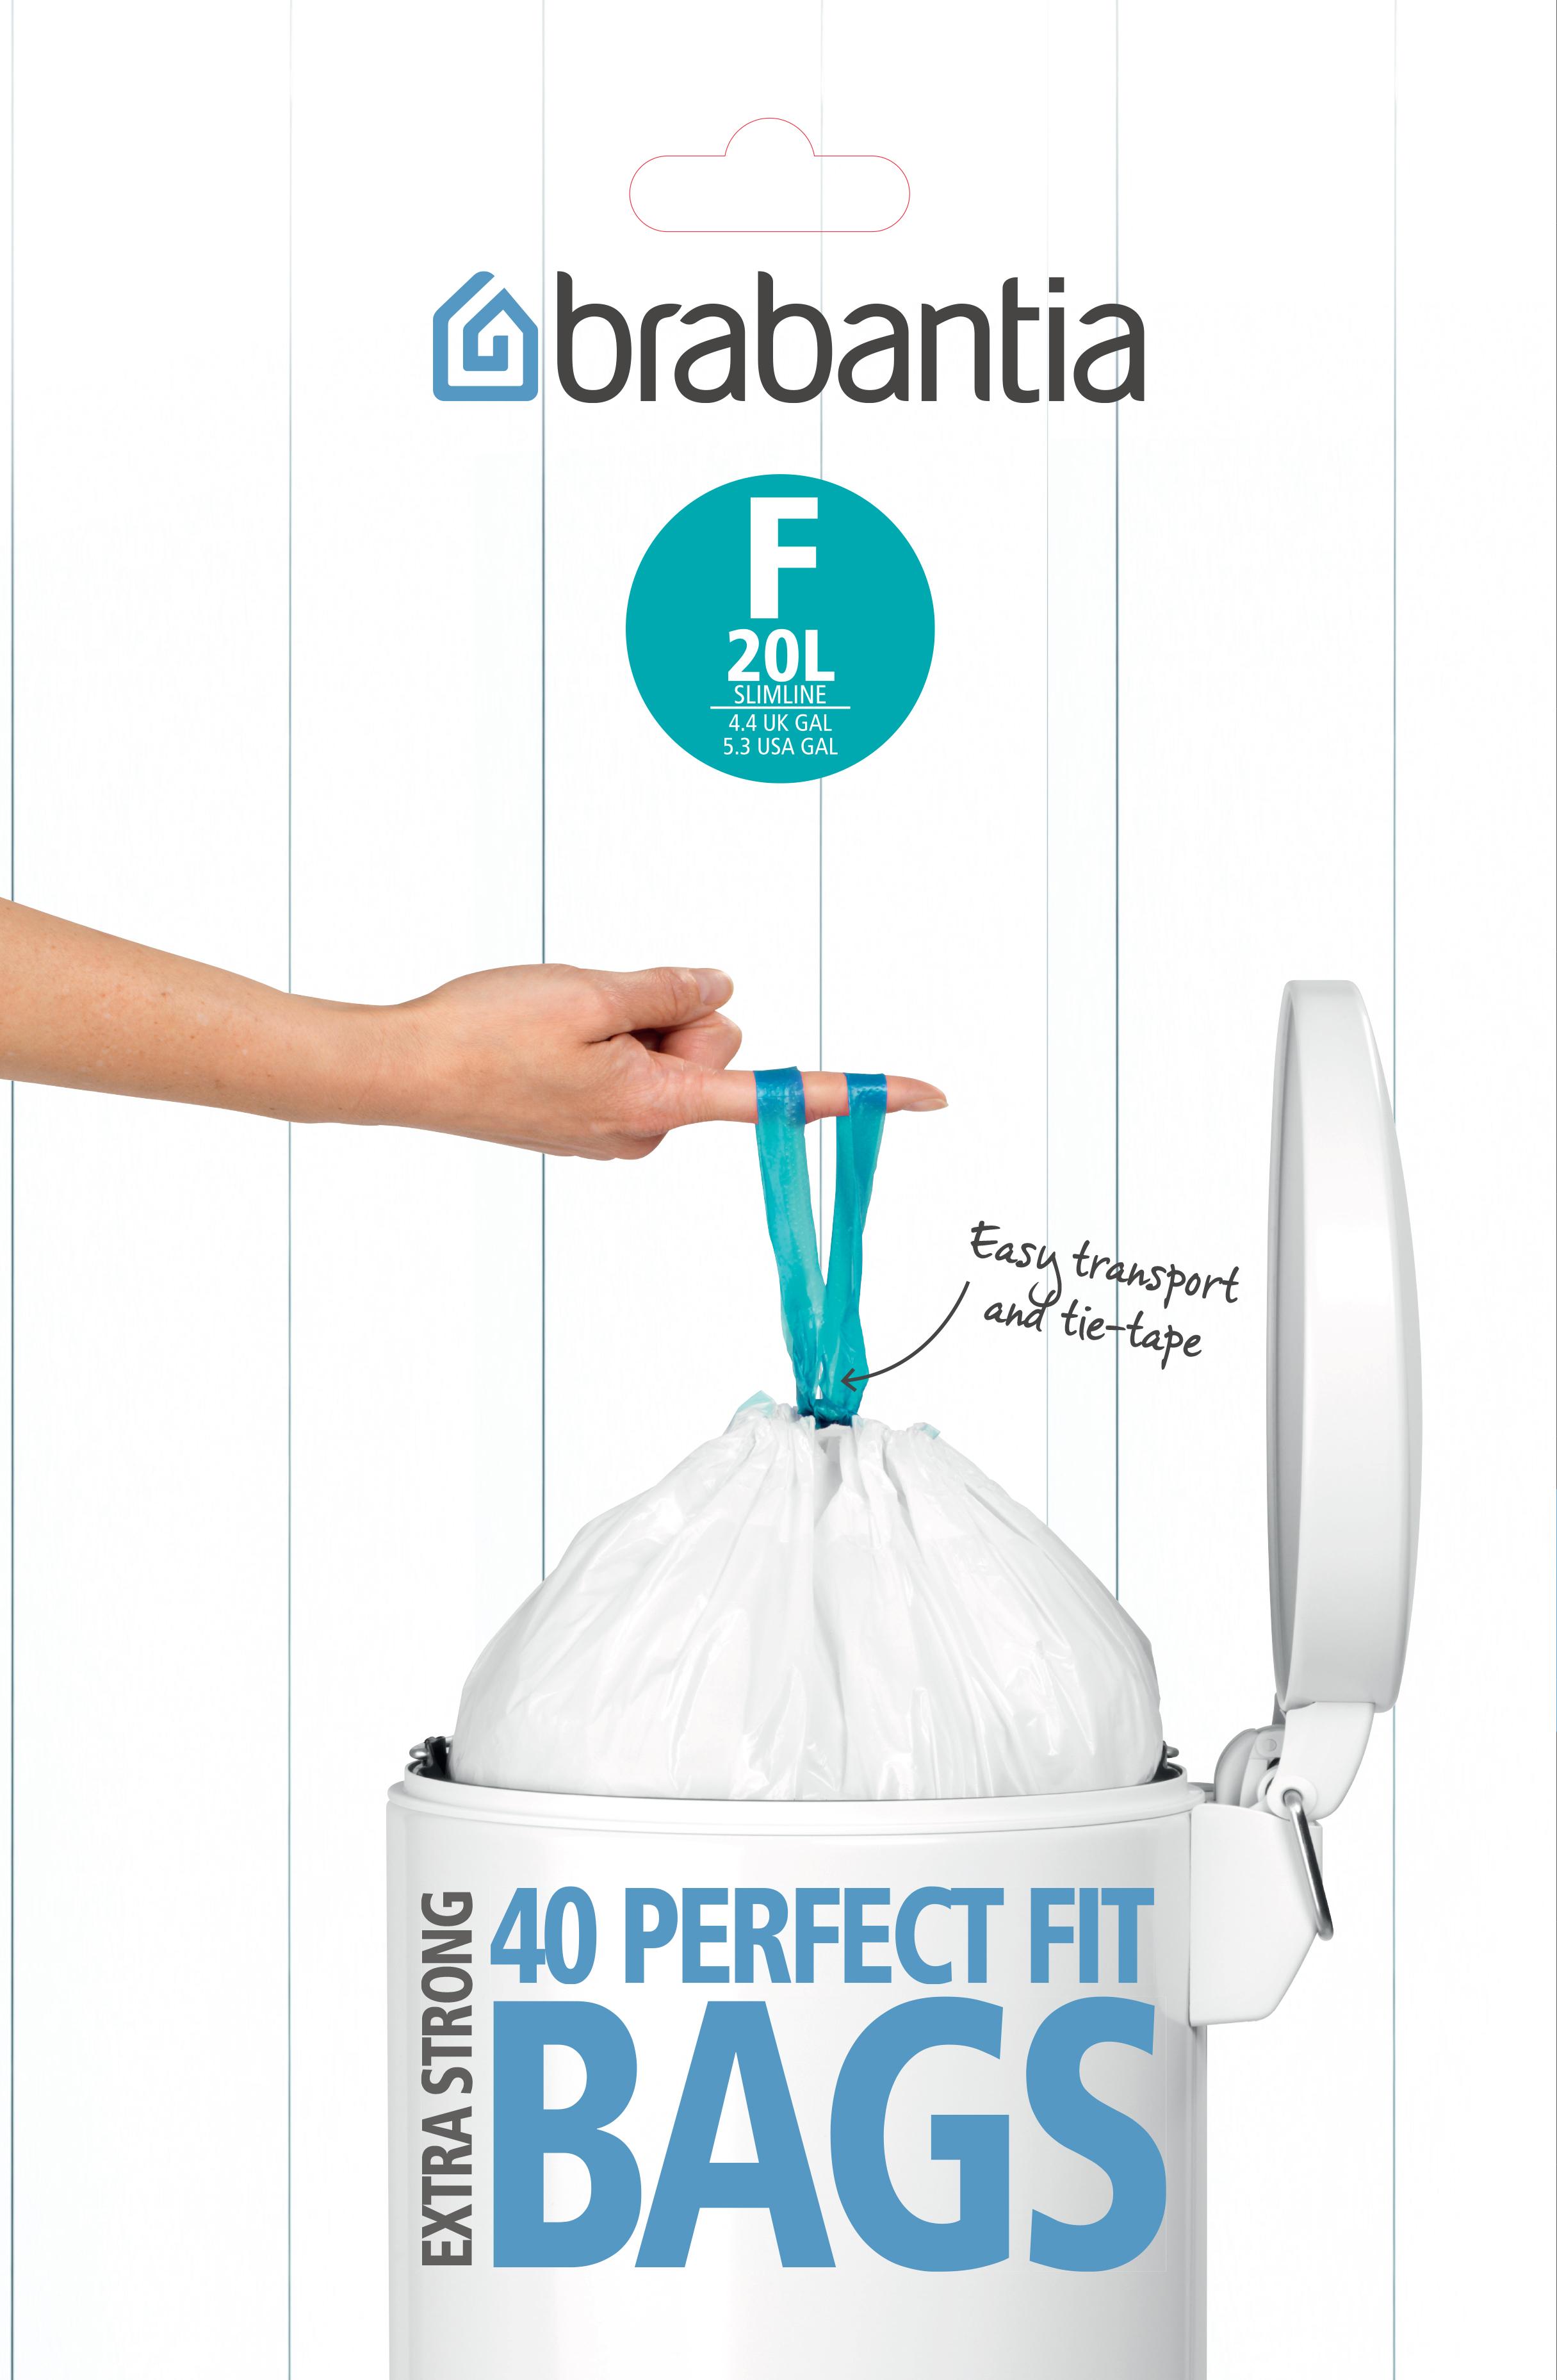 Avfallspåsar F 20Ltr Slimline [Dispenser Pack med 40 påsar] White